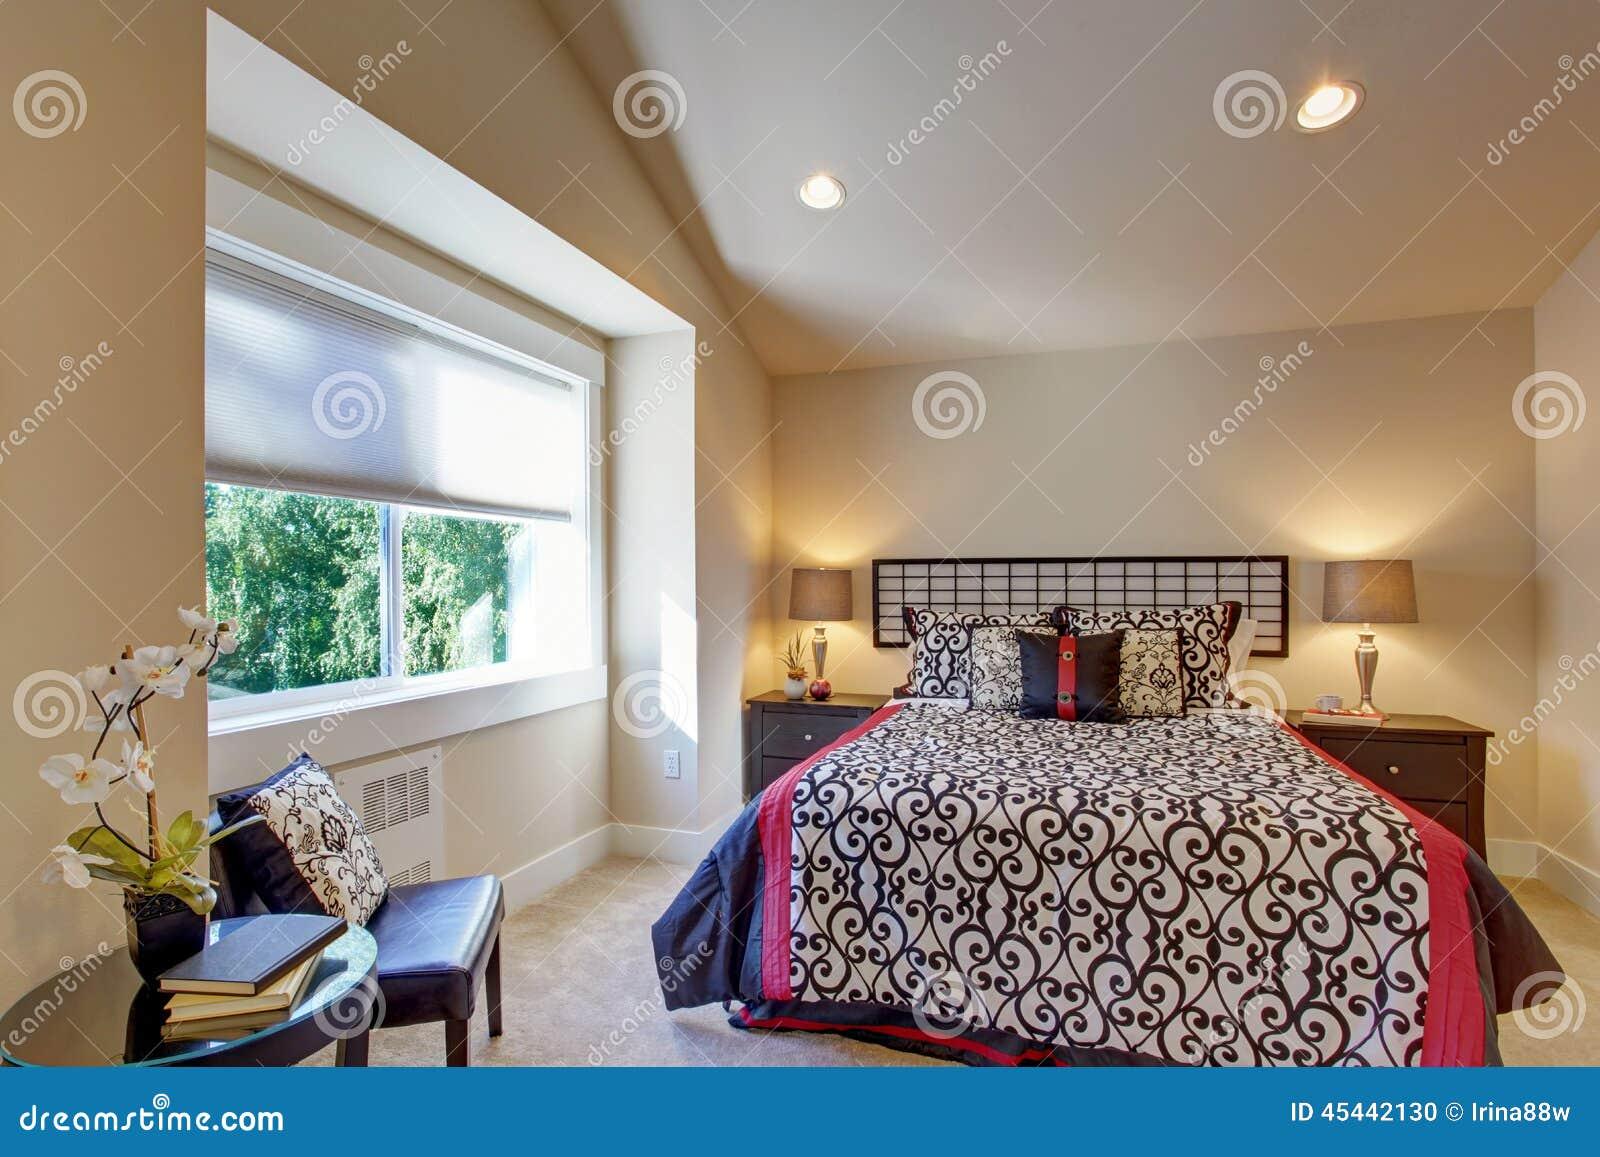 Stanze Da Letto Stile Giapponese : Decorazione della camera da letto di stile giapponese fotografia